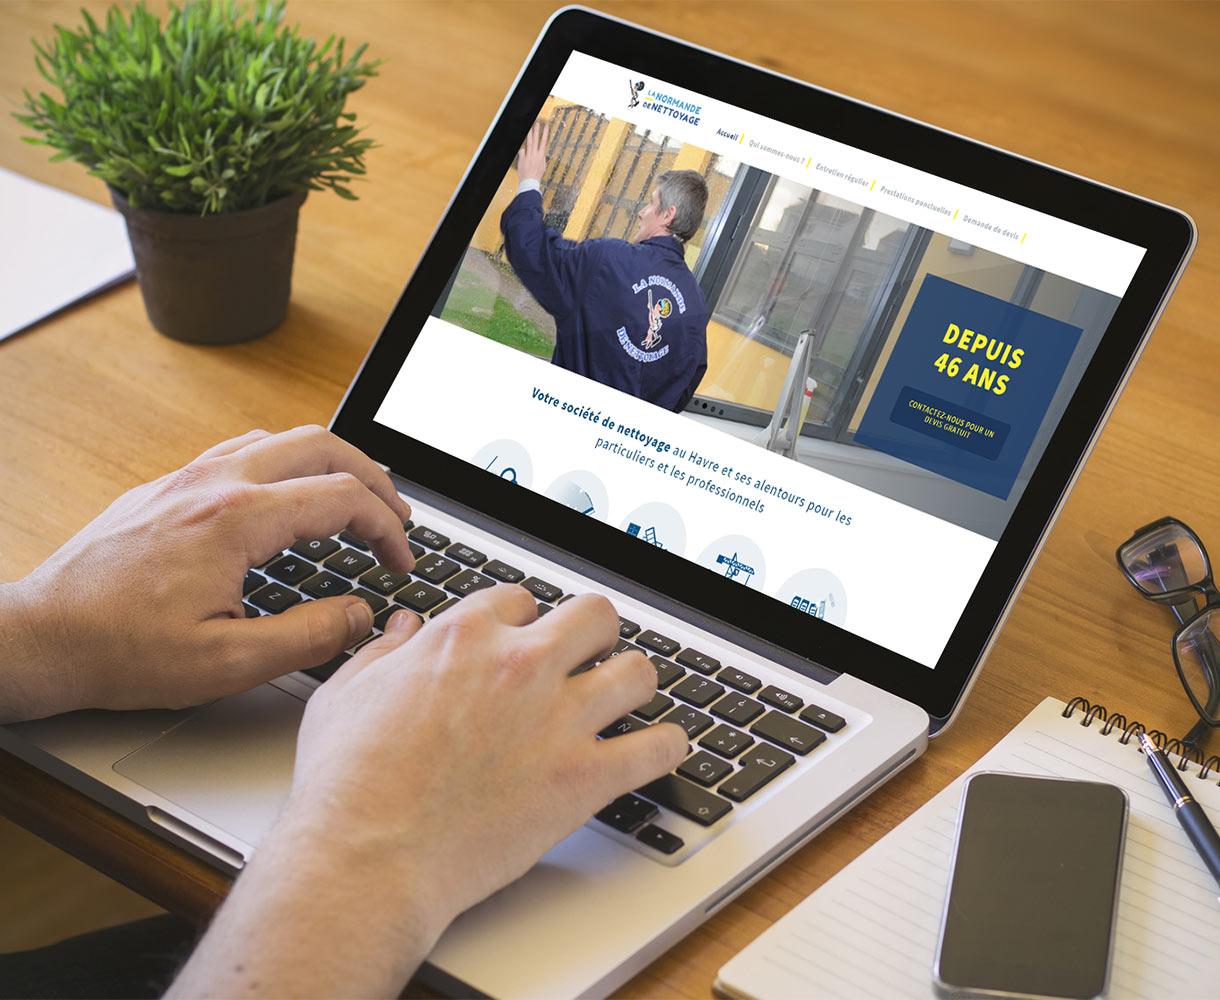 Stratégie digitale - Entreprise de nettoyage